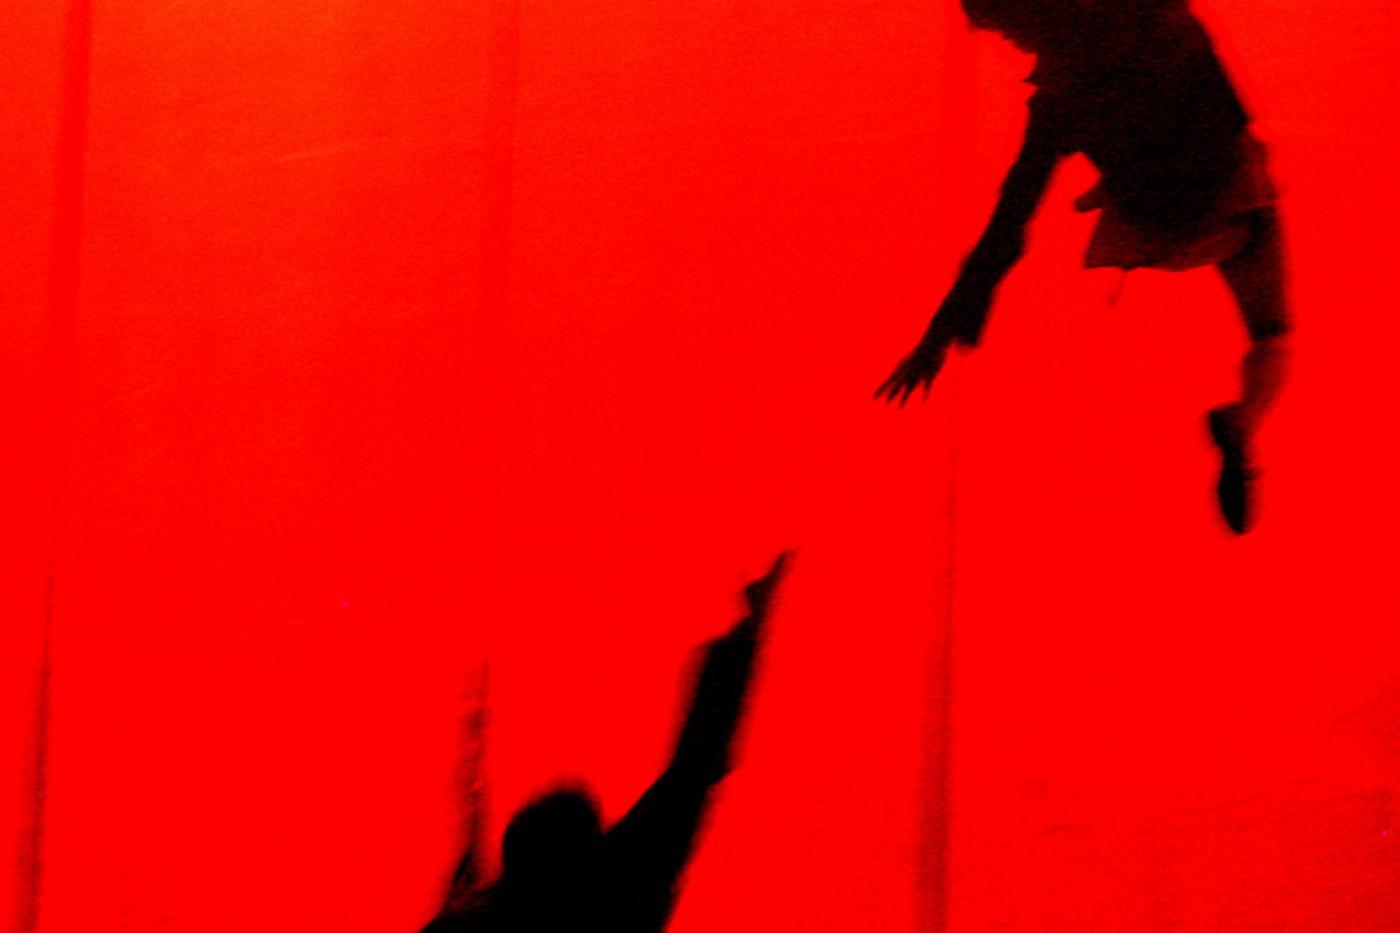 La compa–'a teatral argentina de la Guard'a presenta su cl‡sico espectaculo Villa Villa en el Coliseo el Camp'n de la Ciudad de Bogot‡ en el marco del Festival Ibero Americano de Teatro el 16/04/2006